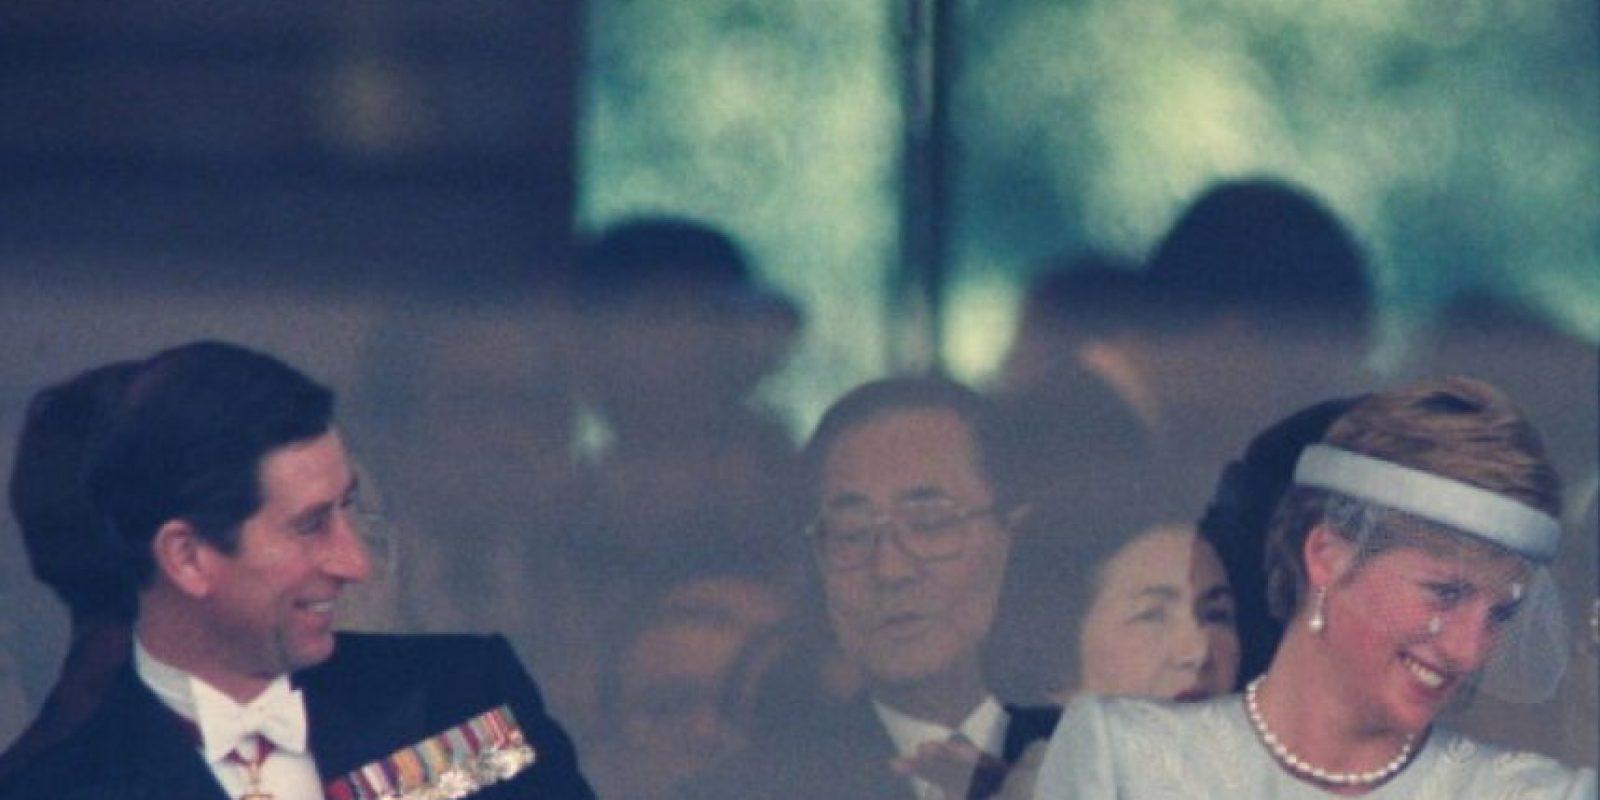 Pero su matrimonio ni su salud mental podrían verse así. De hecho, sufrió con la infidelidad de su marido con Camilla Parker Bowles, quien ya era su amante antes del matrimonio. Foto:vía Getty Images